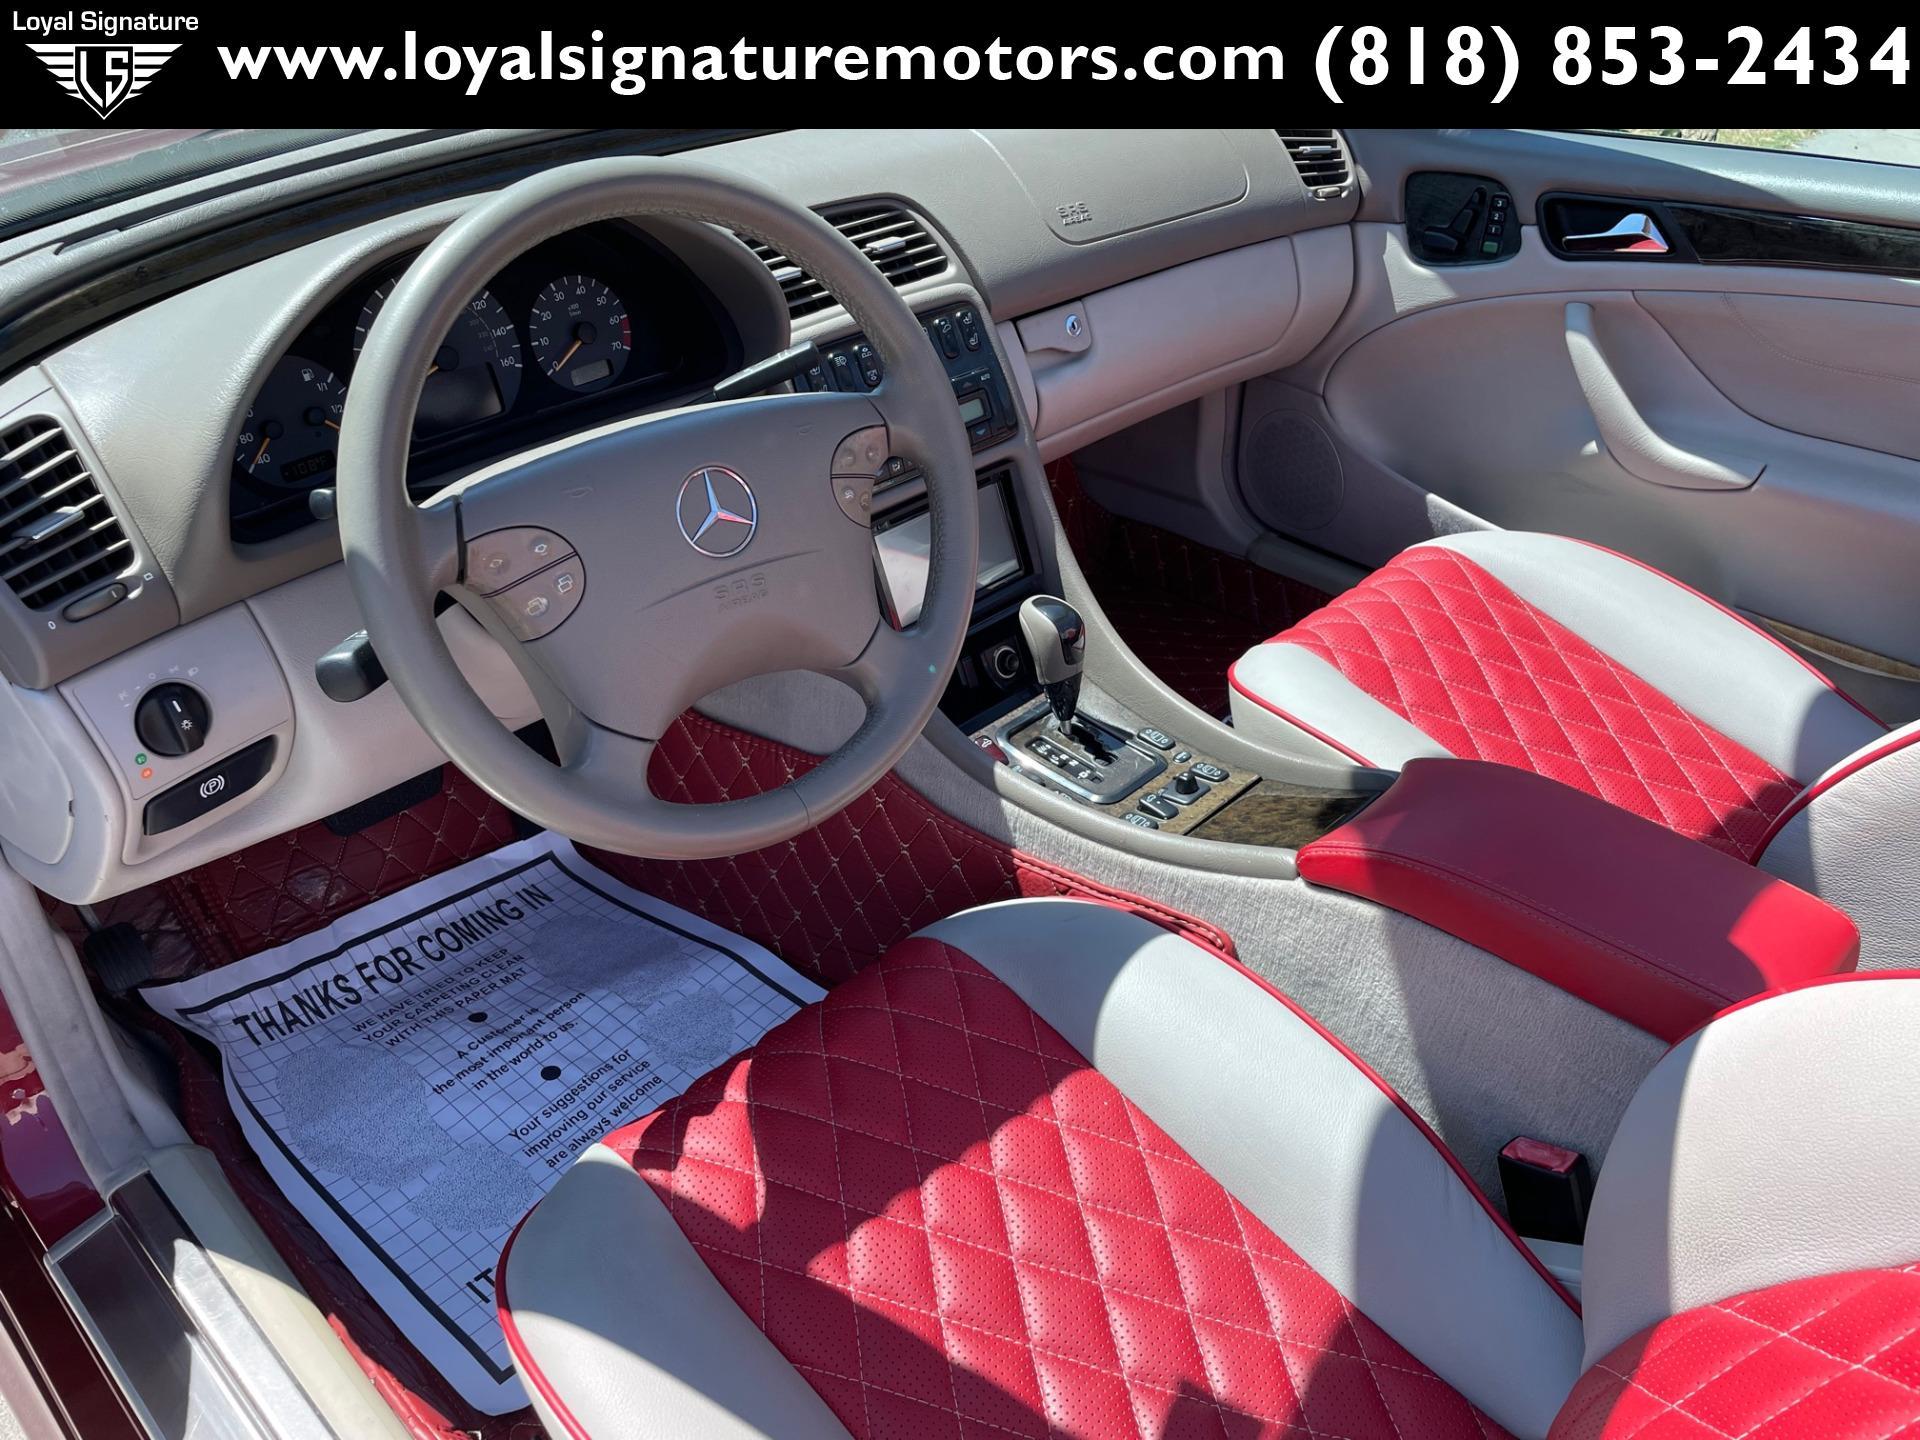 Used-2001-Mercedes-Benz-CLK-CLK-430